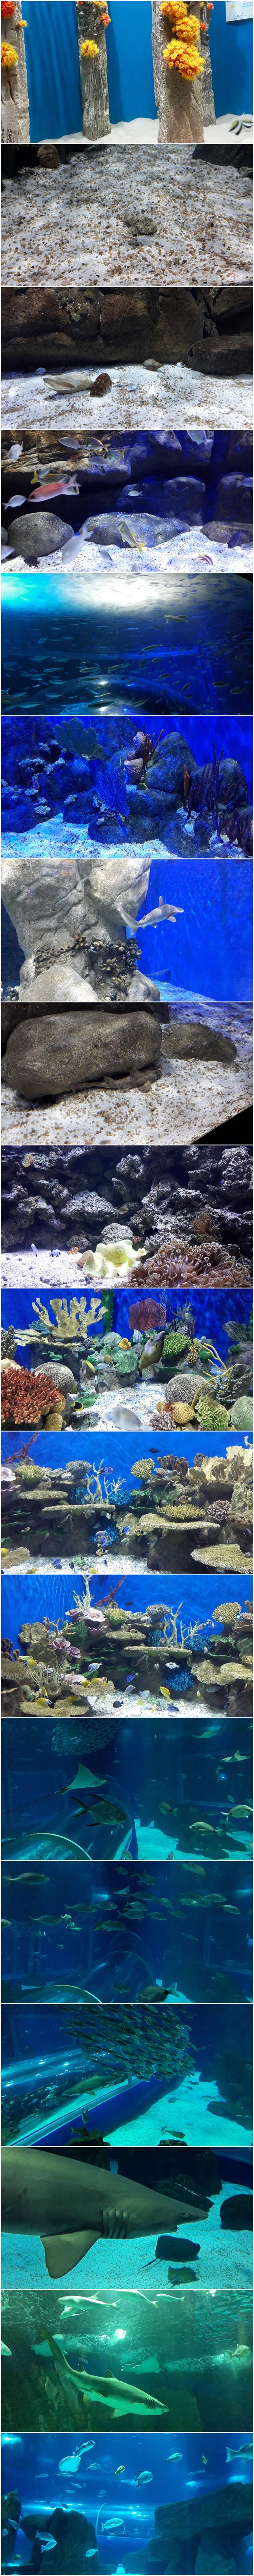 AquaRio peixes